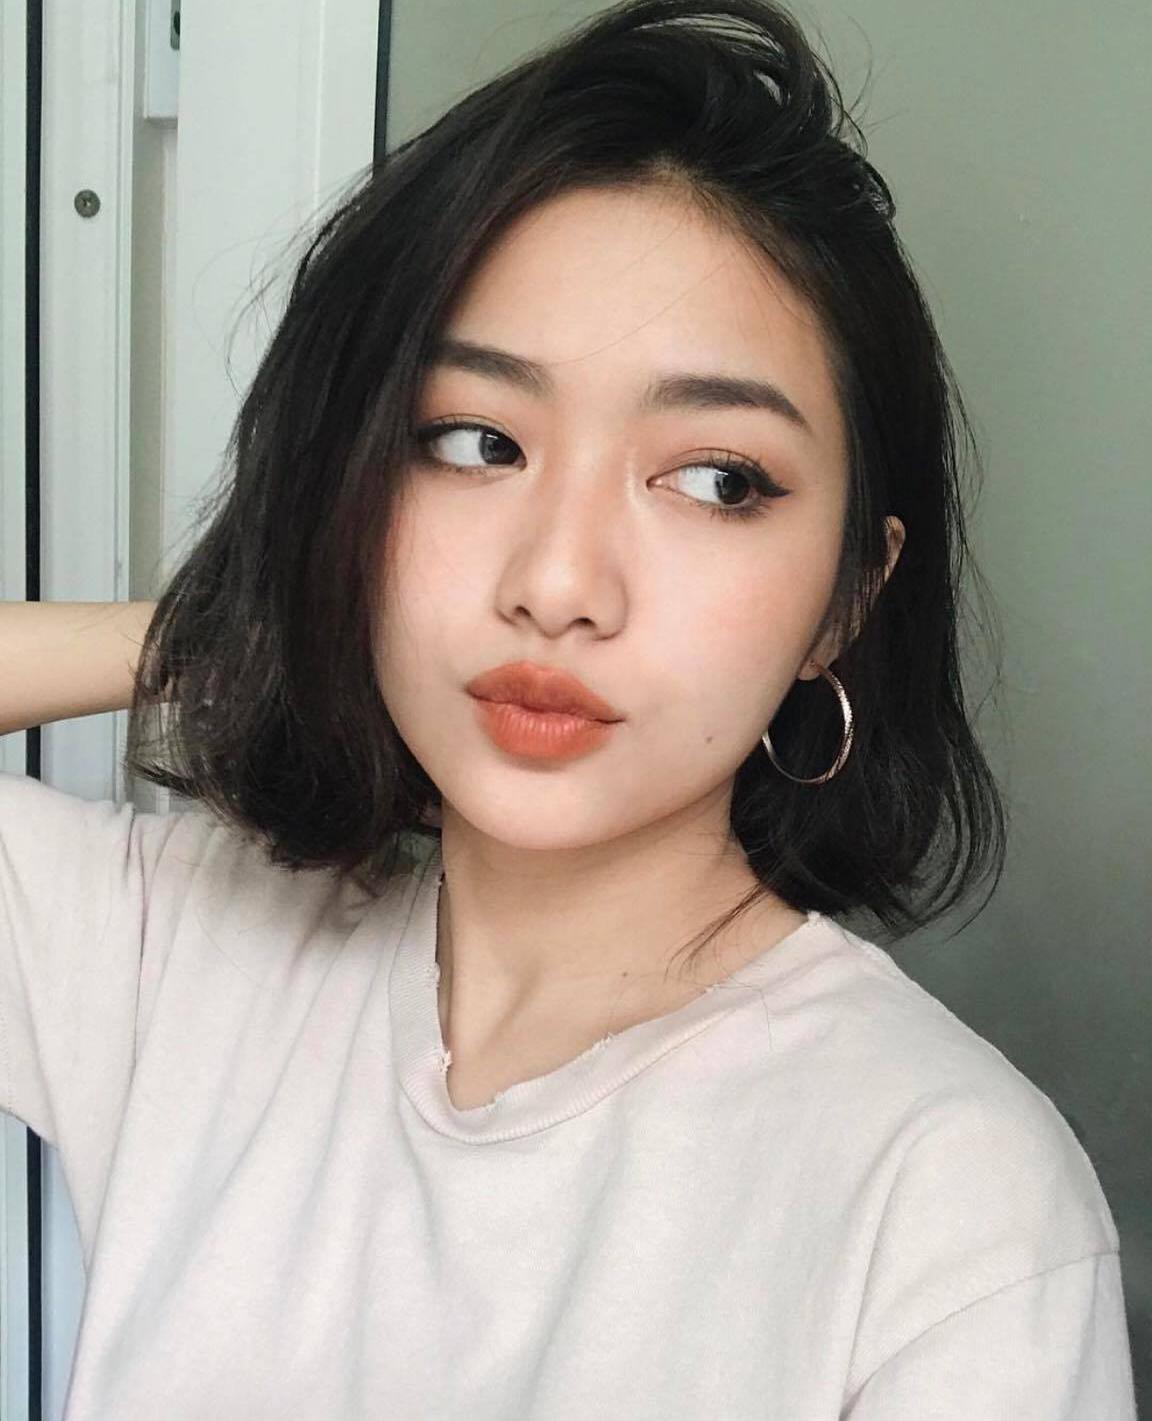 Kiểu tóc ngắn cho khuôn mặt tròn dễ thương